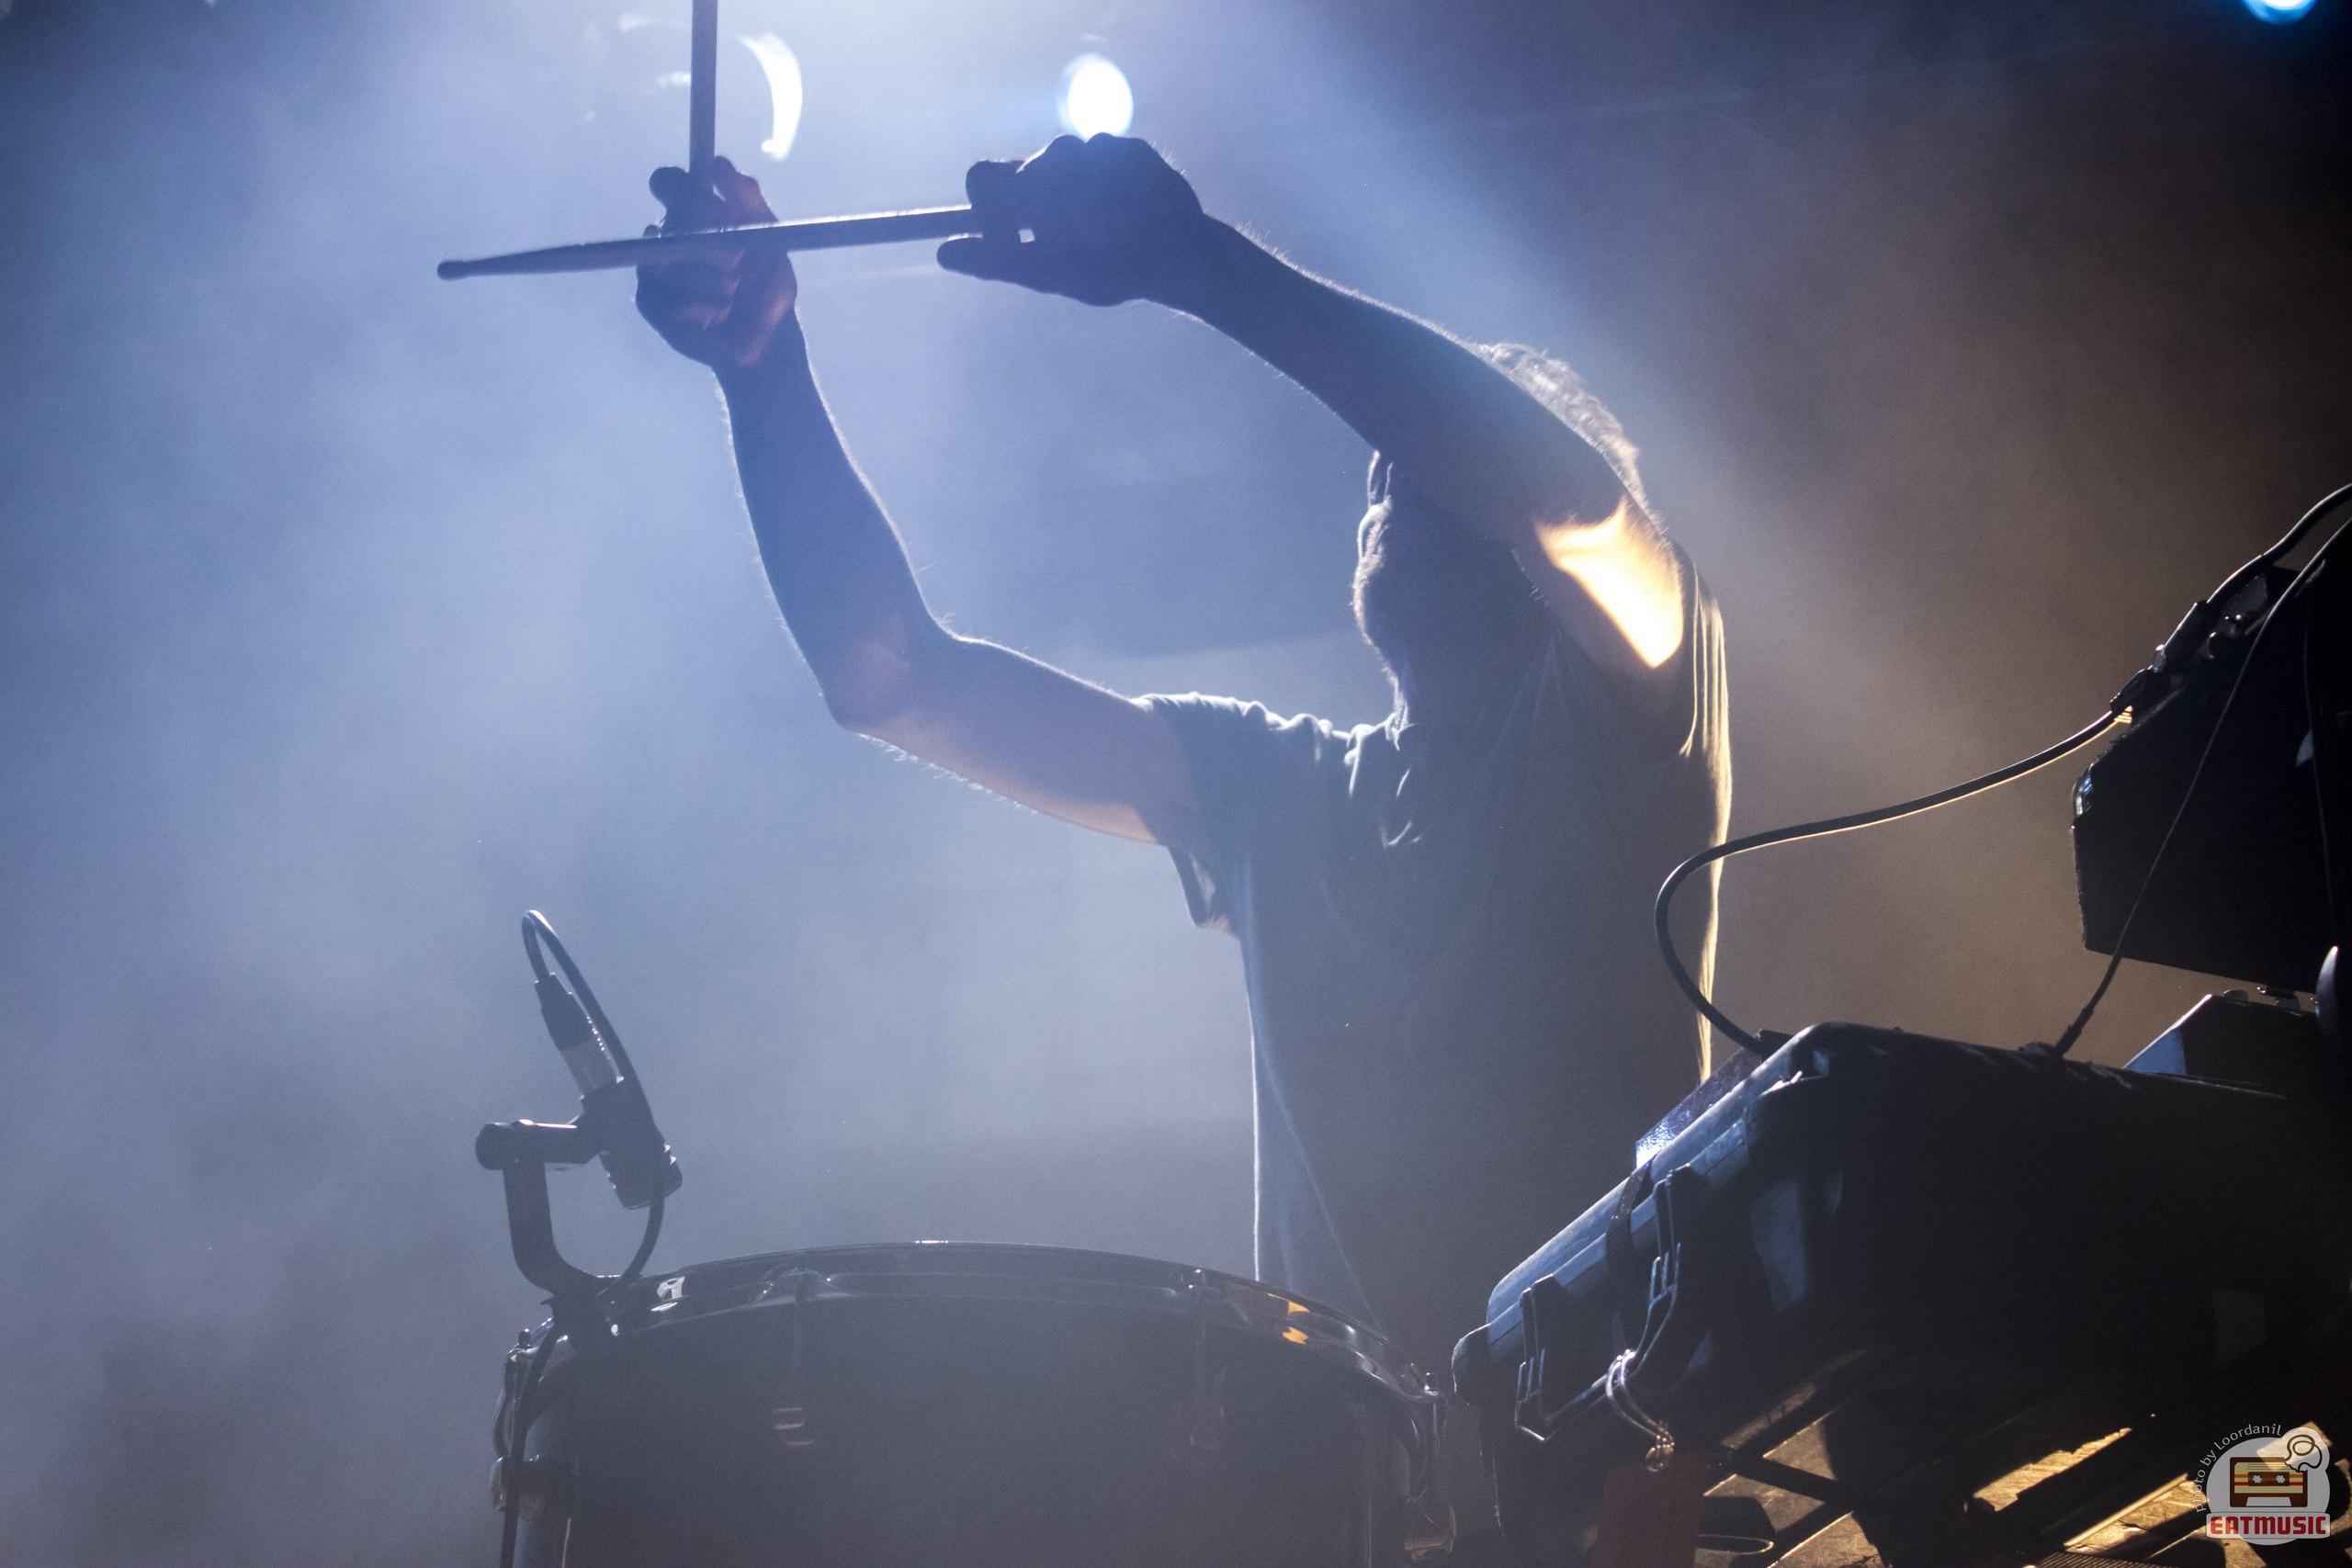 Концерт группы 65daysofstatic в Москве: космос как предчувствие Роман Воронин